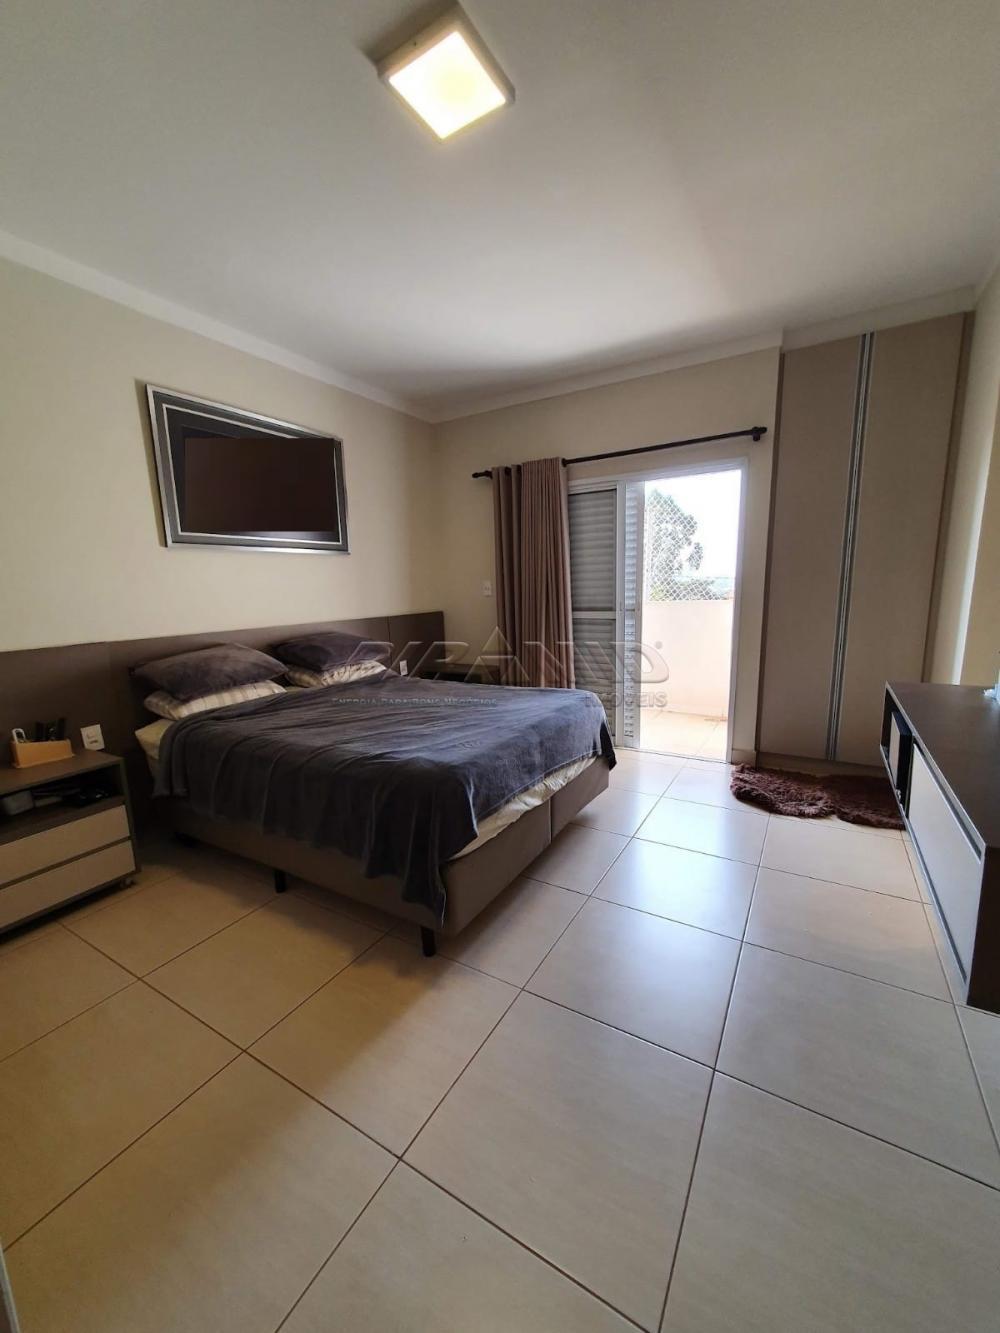 Comprar Casa / Condomínio em Ribeirão Preto R$ 980.000,00 - Foto 12